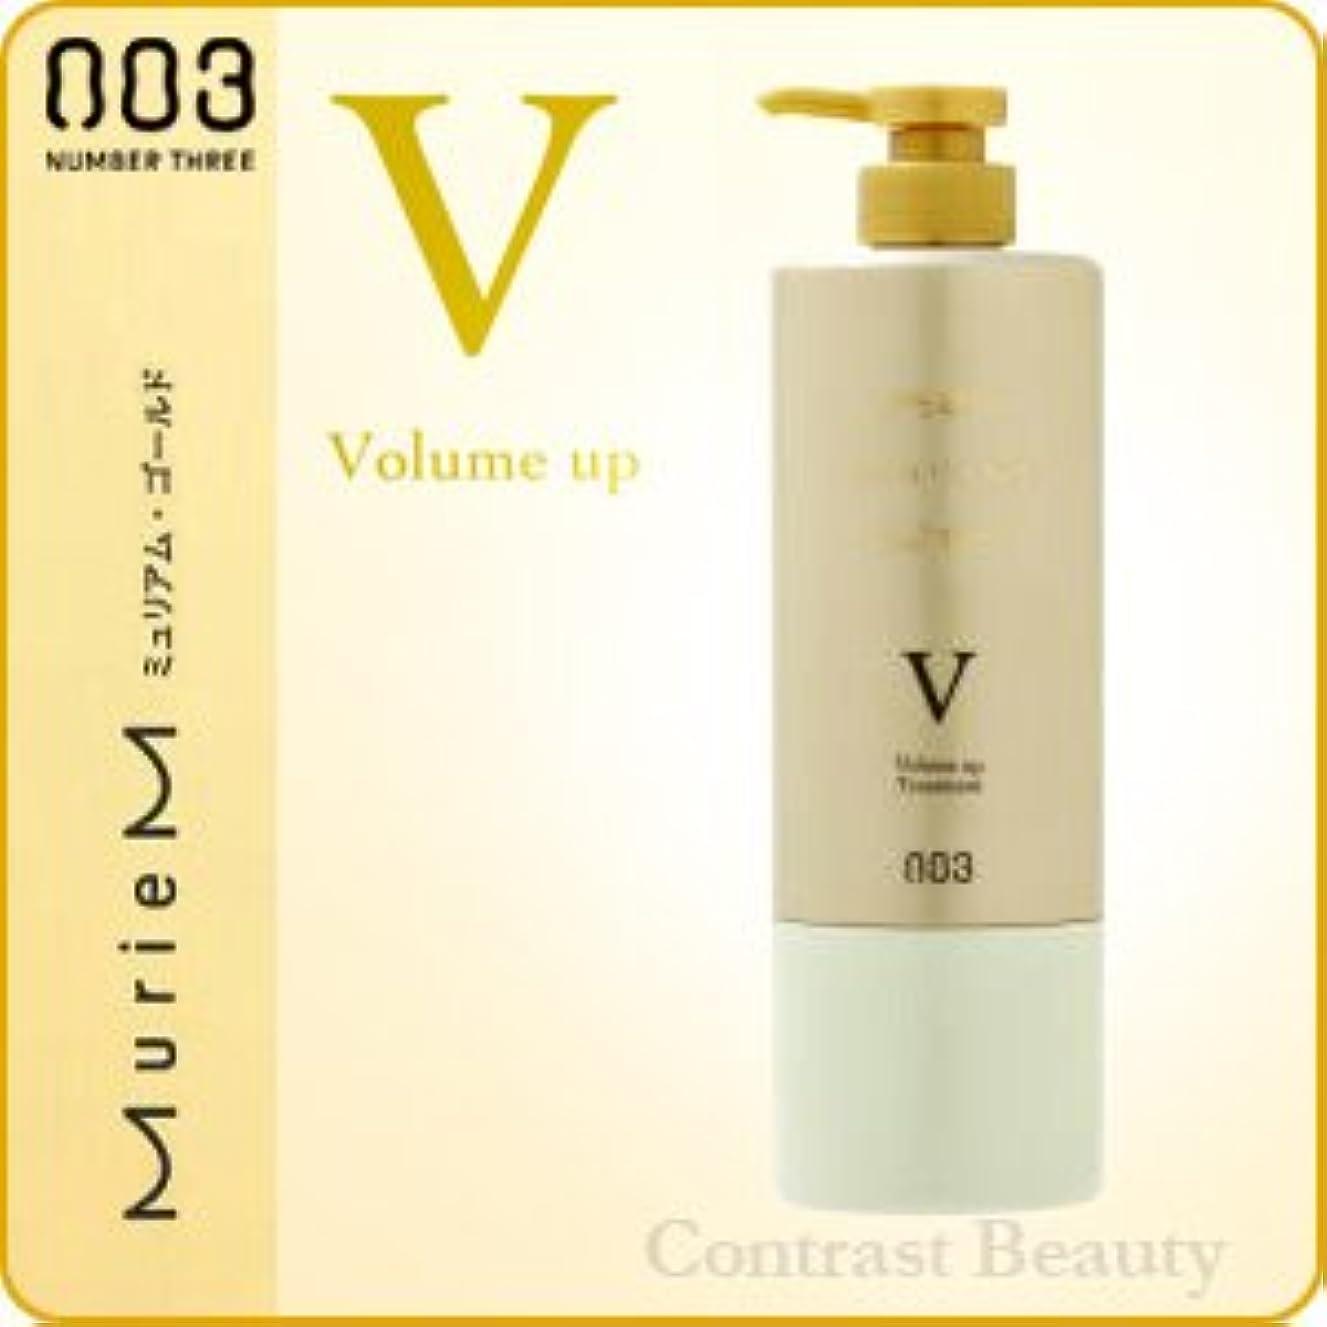 肺バンクハーネス【X3個セット】 ナンバースリー ミュリアム ゴールド トリートメント V 620g